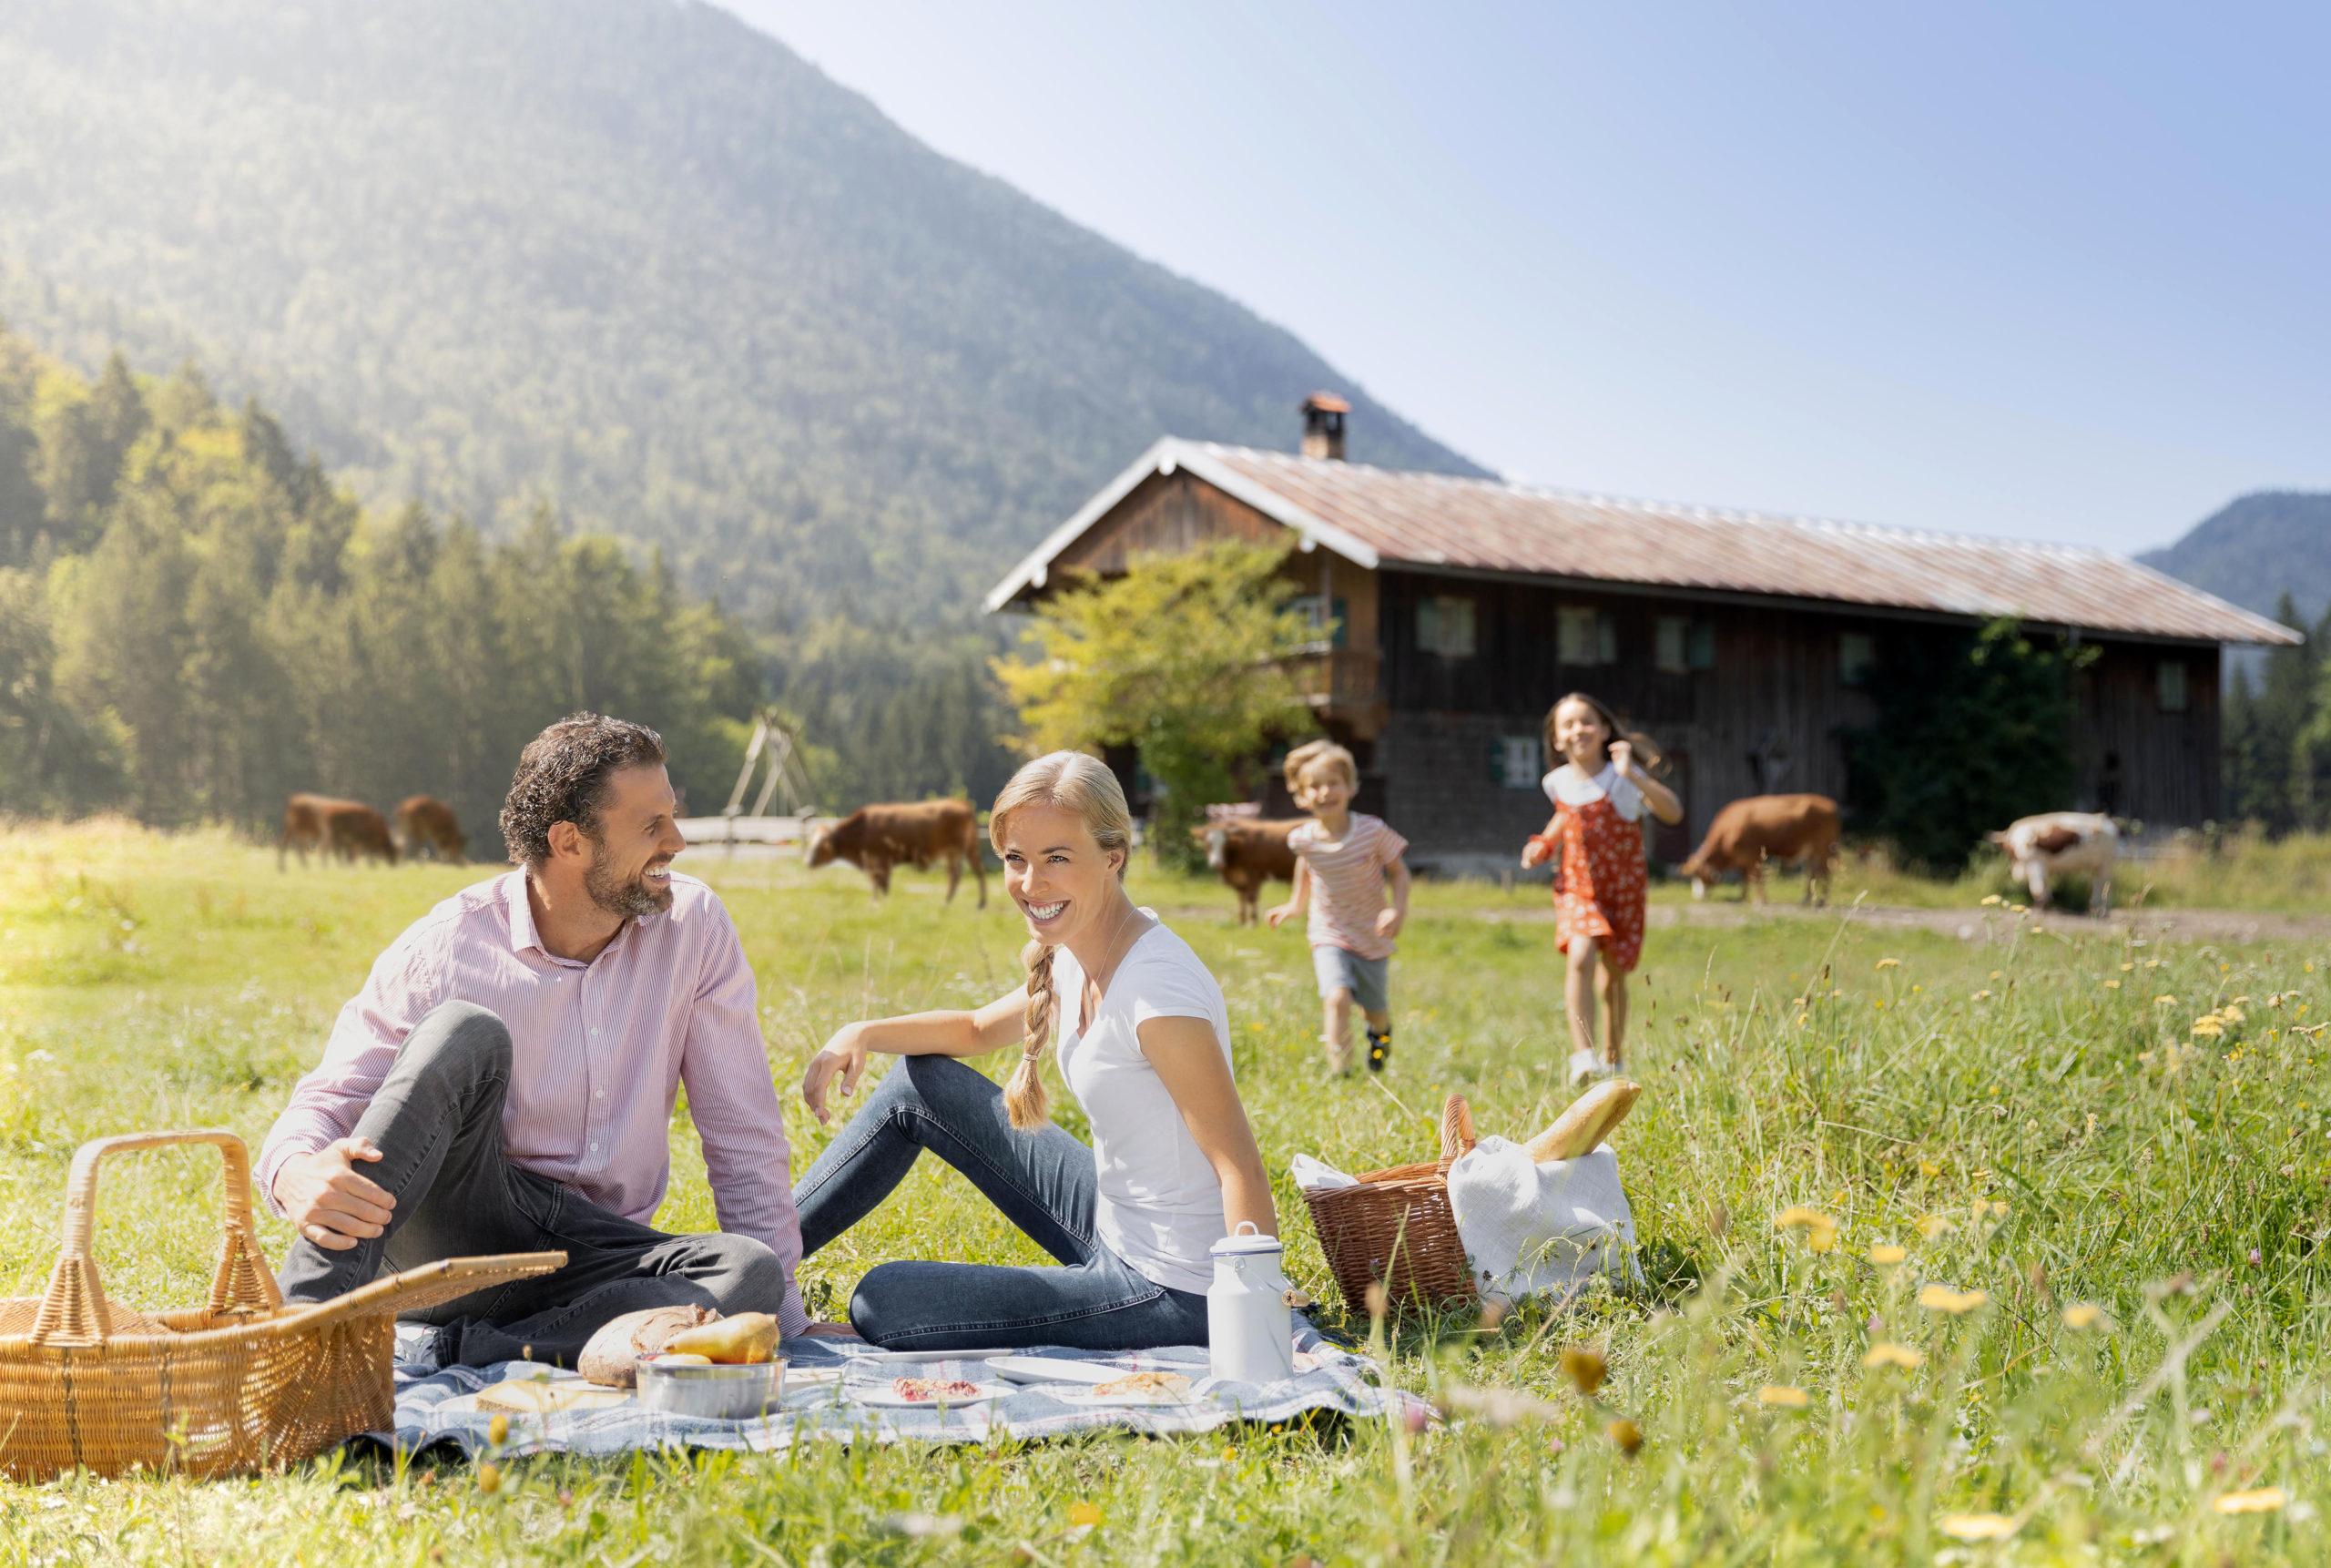 Bauernhof-Effekt hilft gegen Heuschnupfen